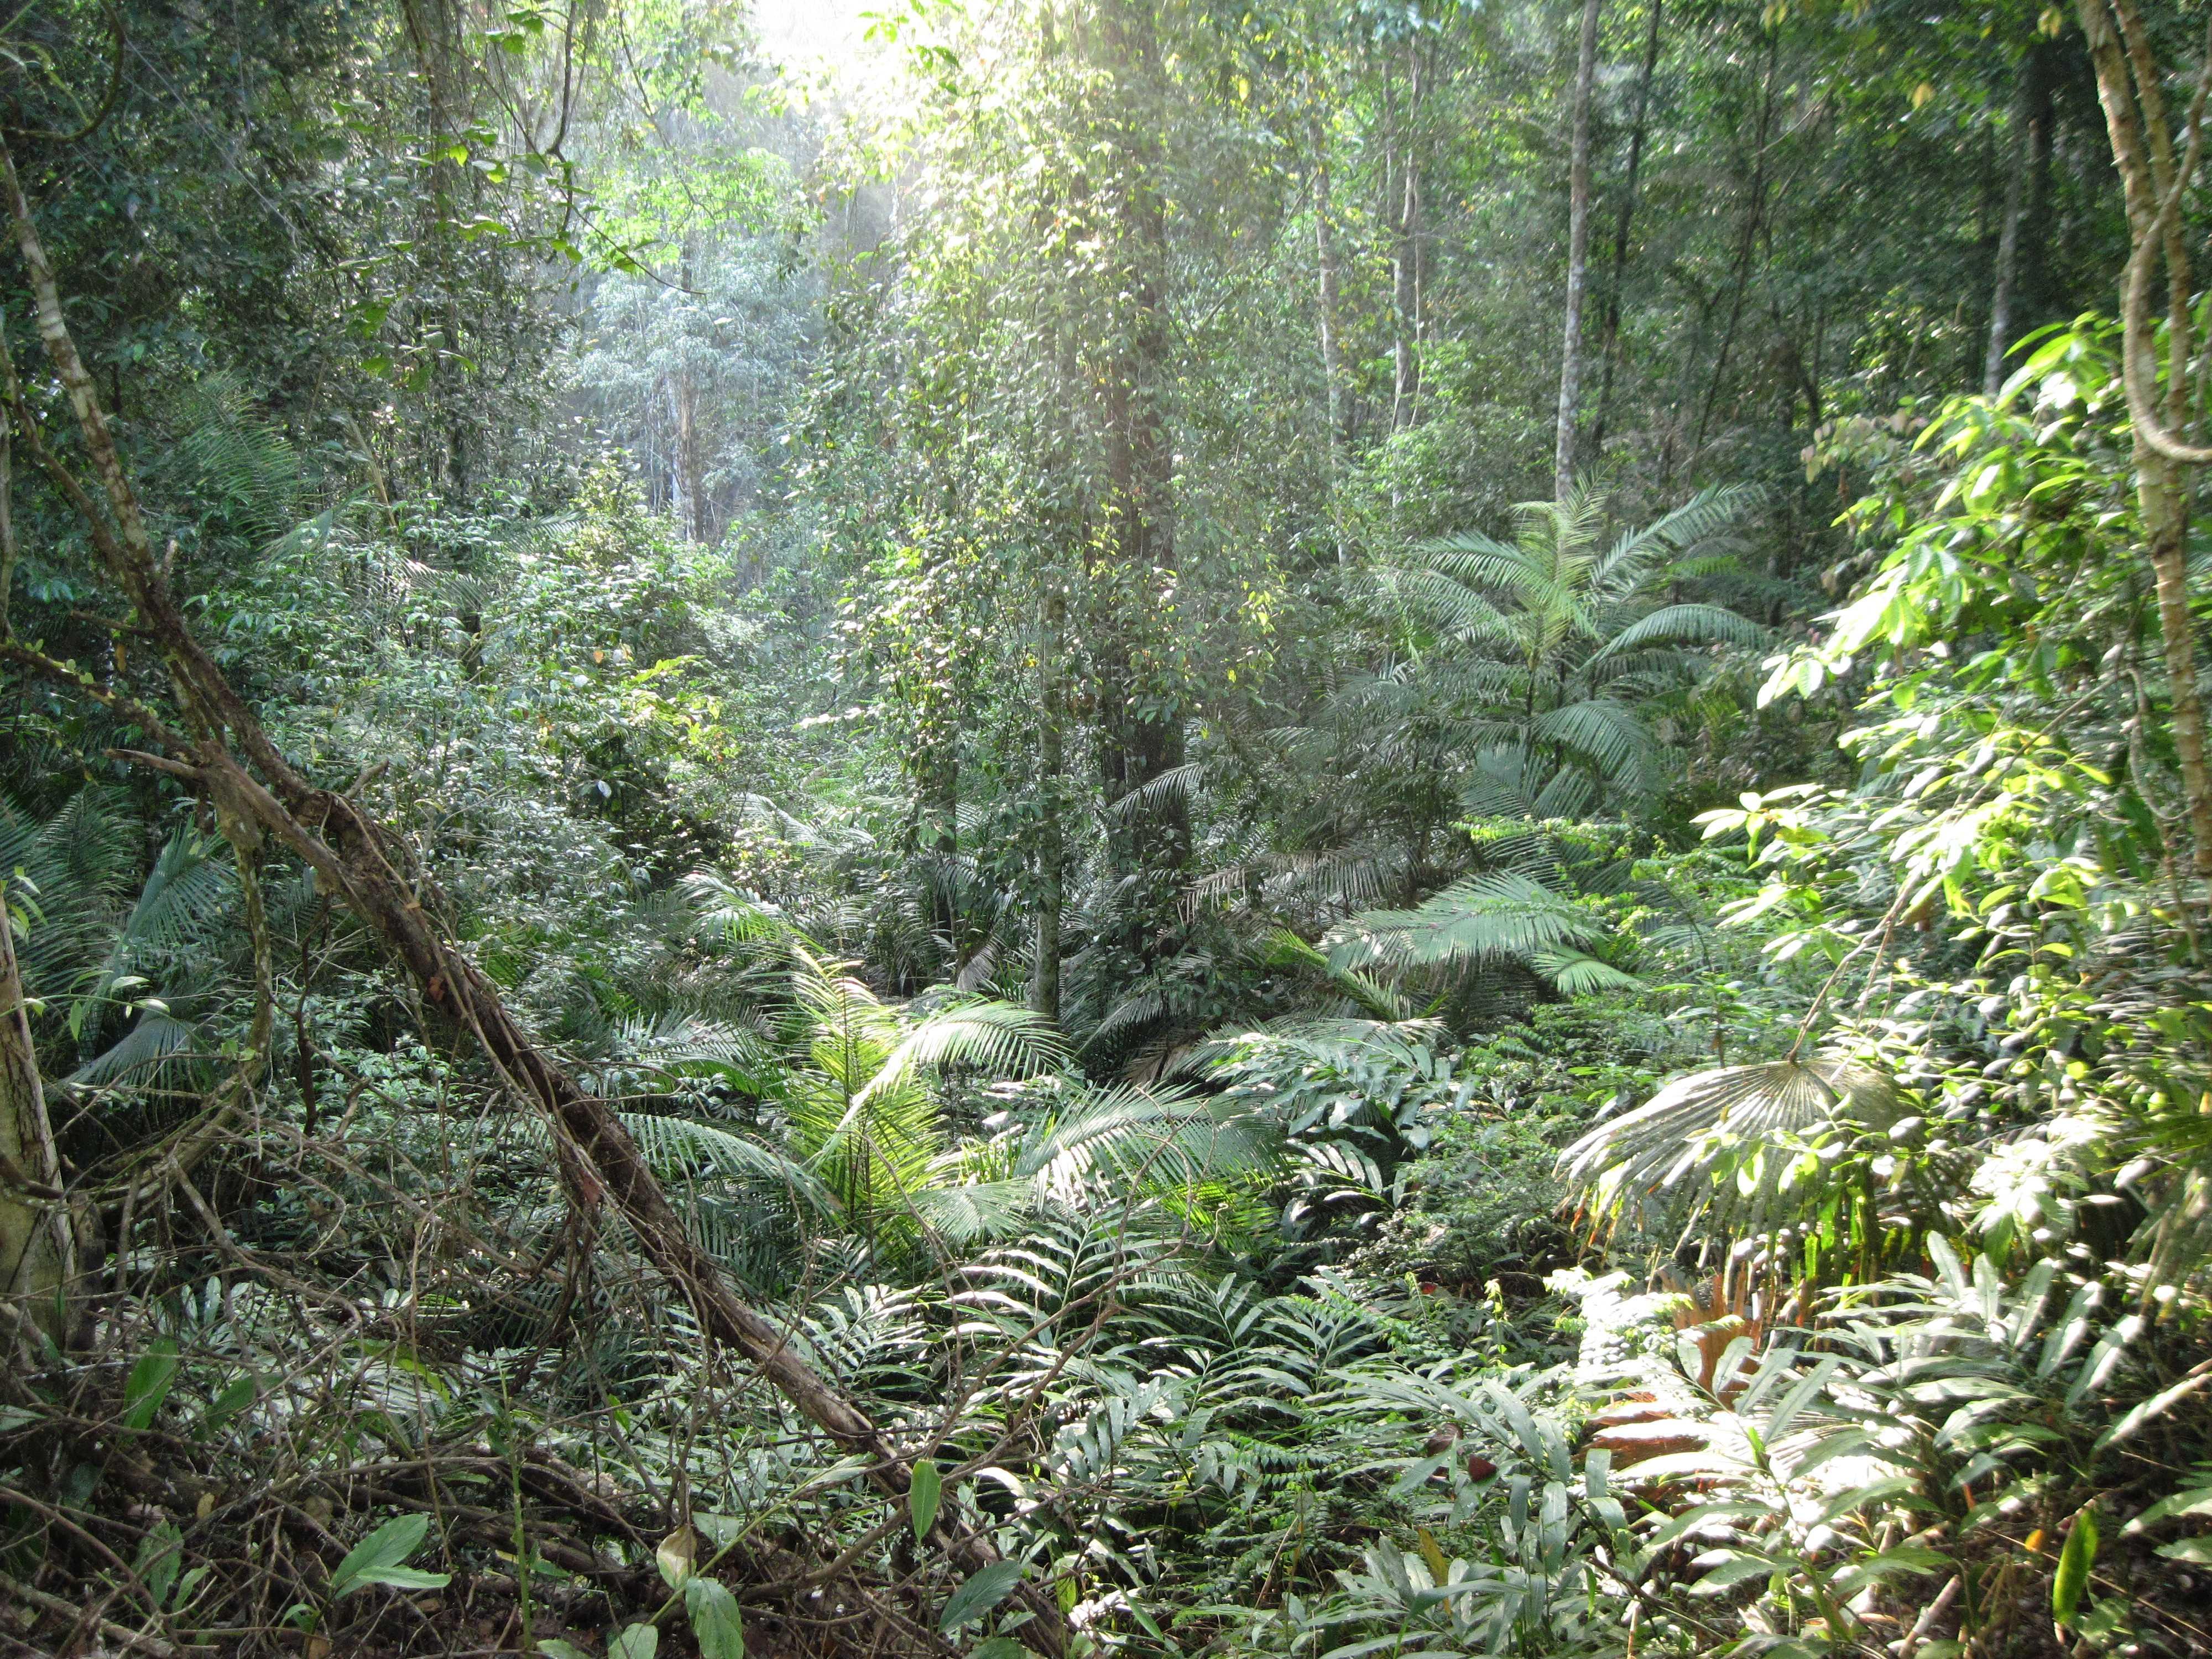 09 - dzsungel.jpg